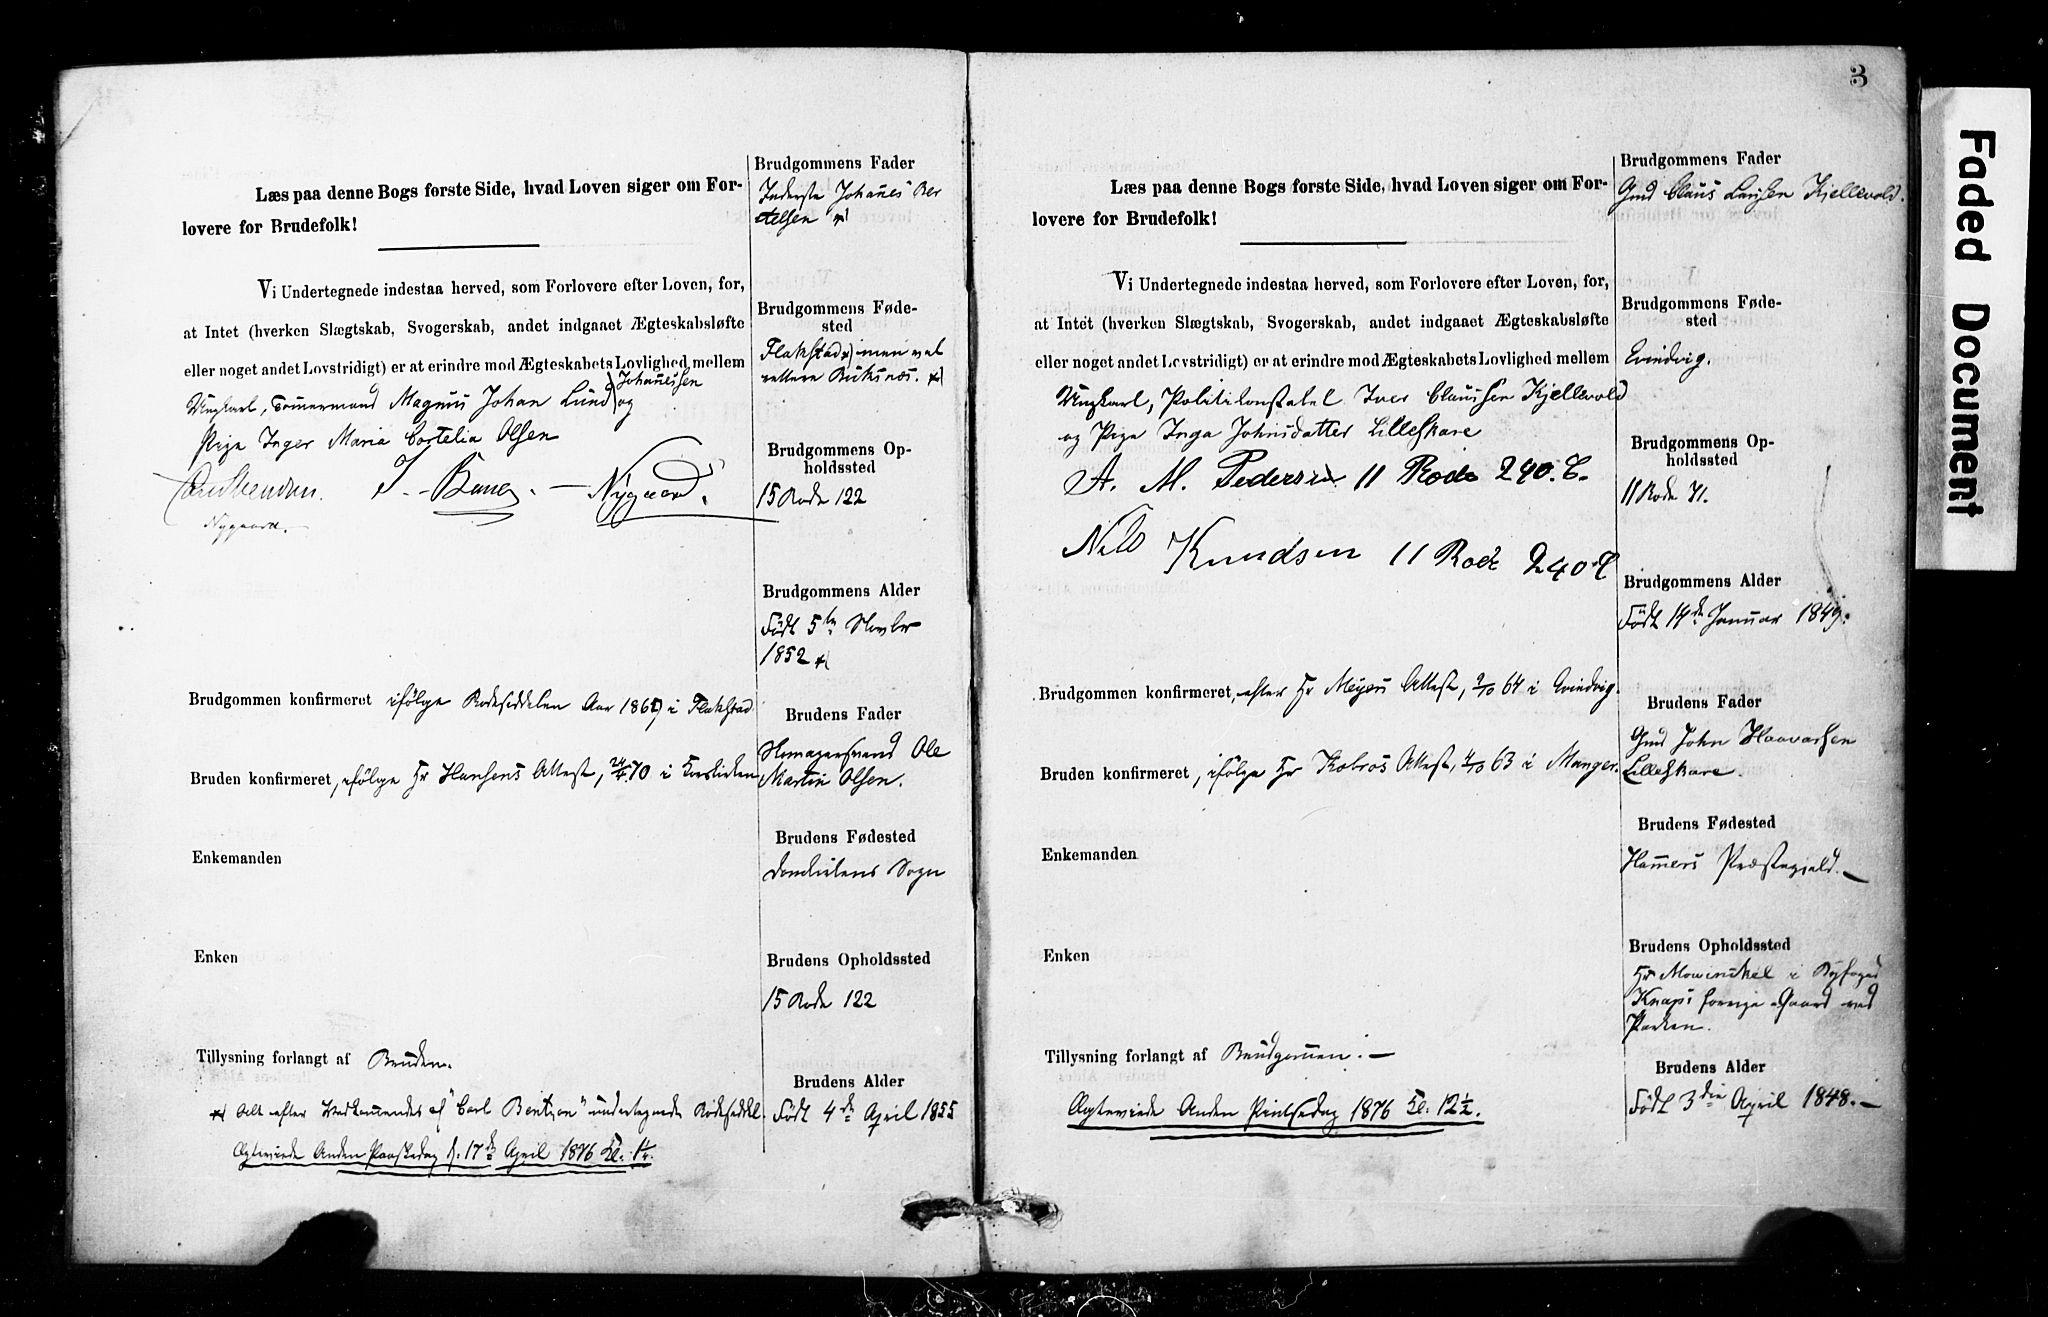 SAB, Domkirken Sokneprestembete, Forlovererklæringer nr. II.5.8, 1876-1882, s. 3